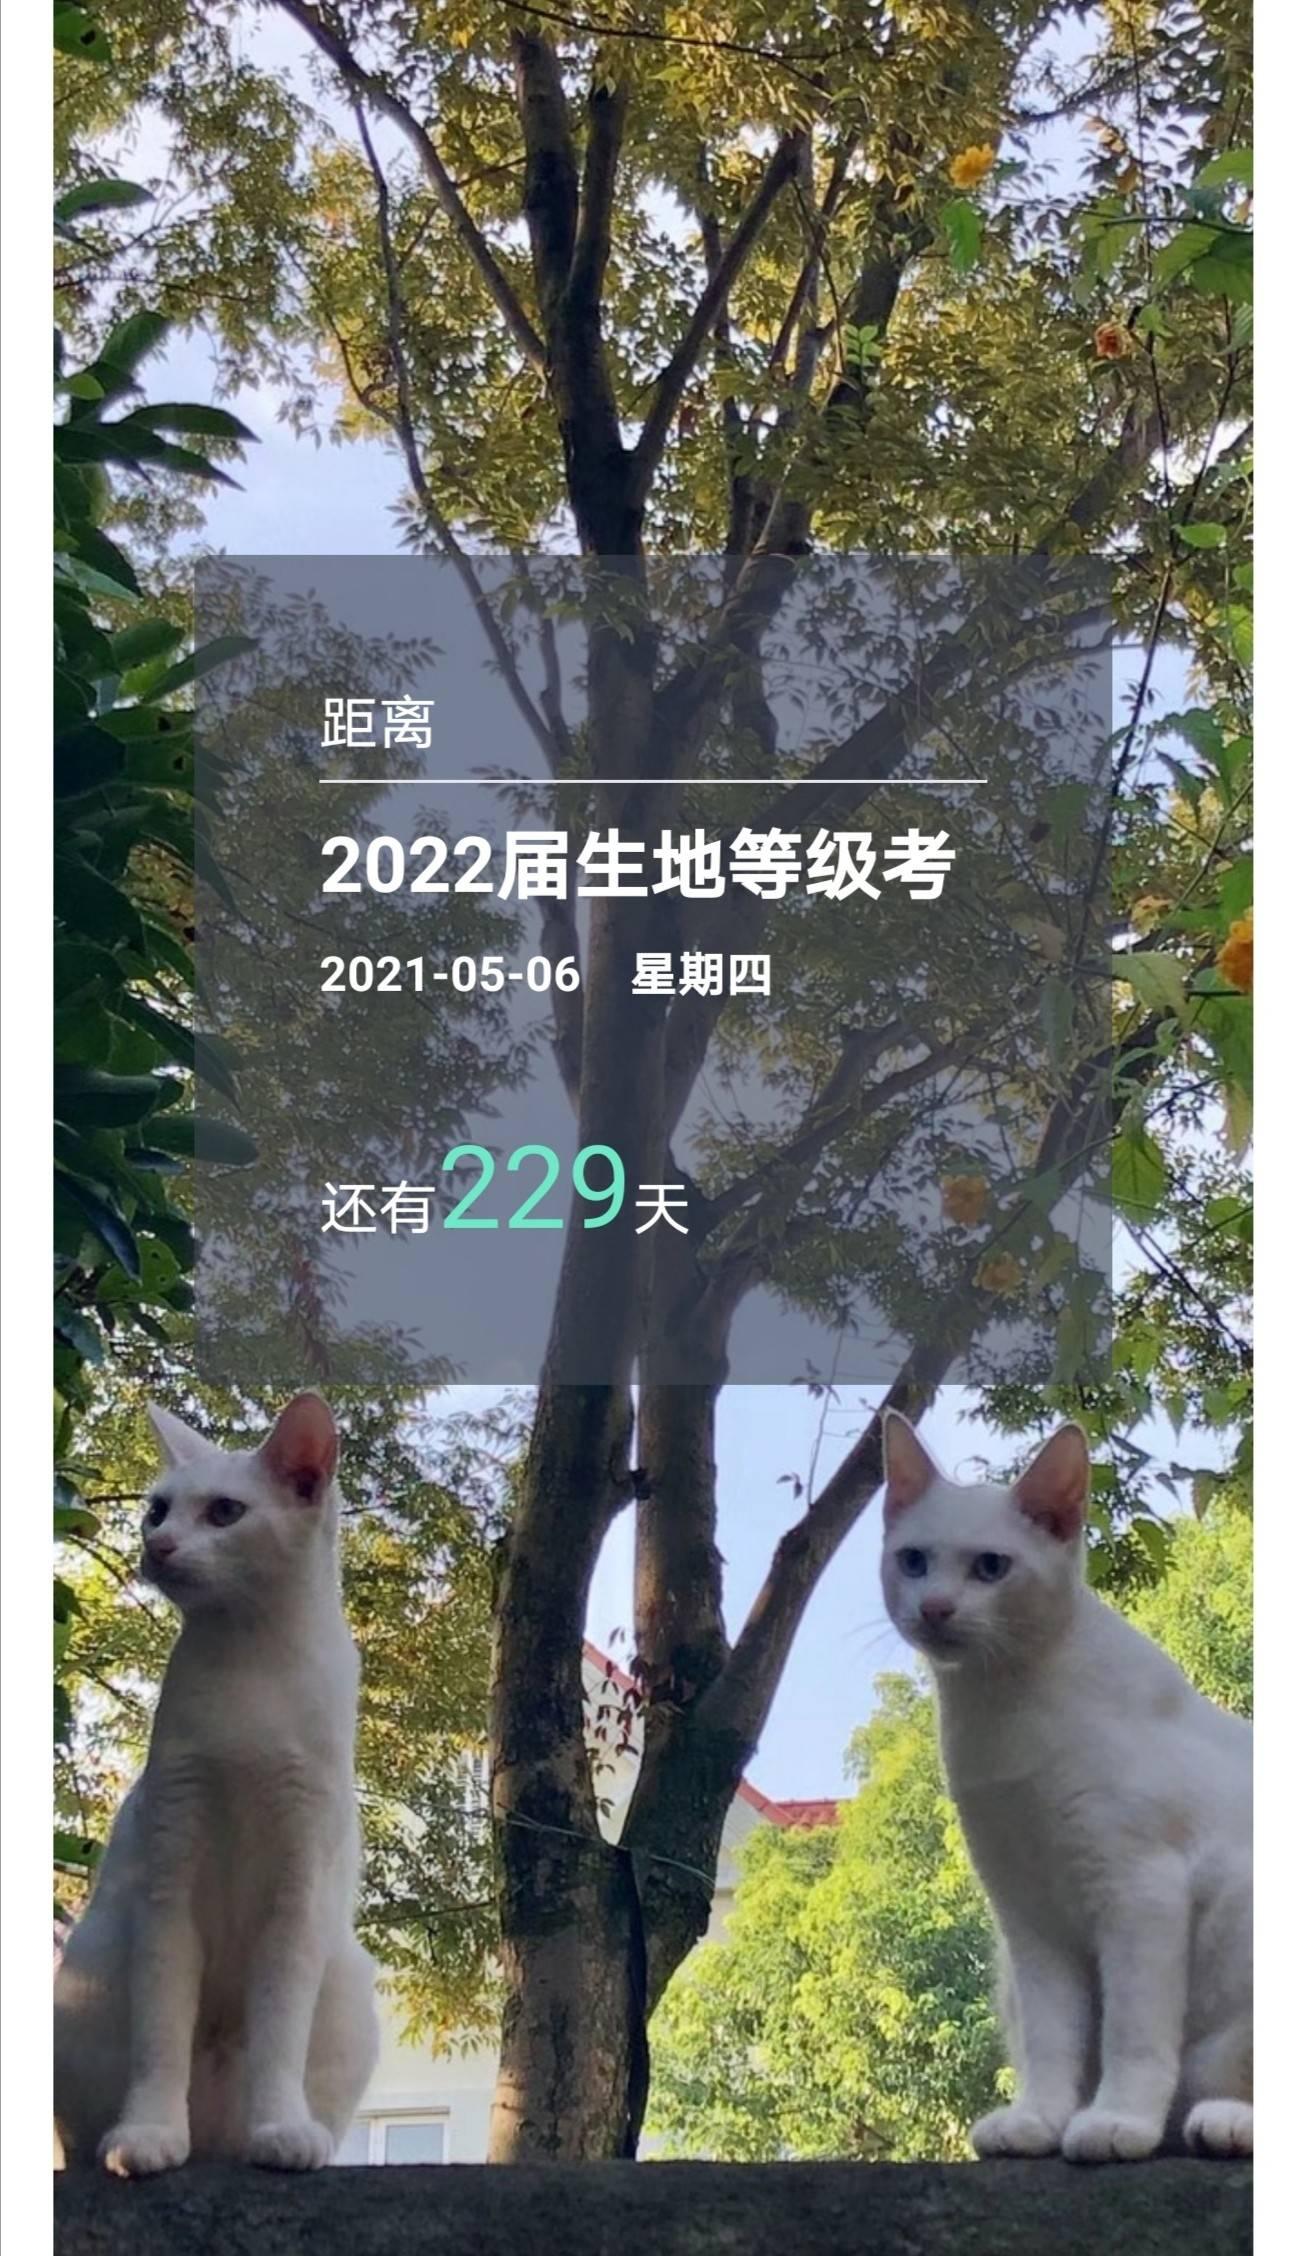 2020-09-19 06.49.10.jpg